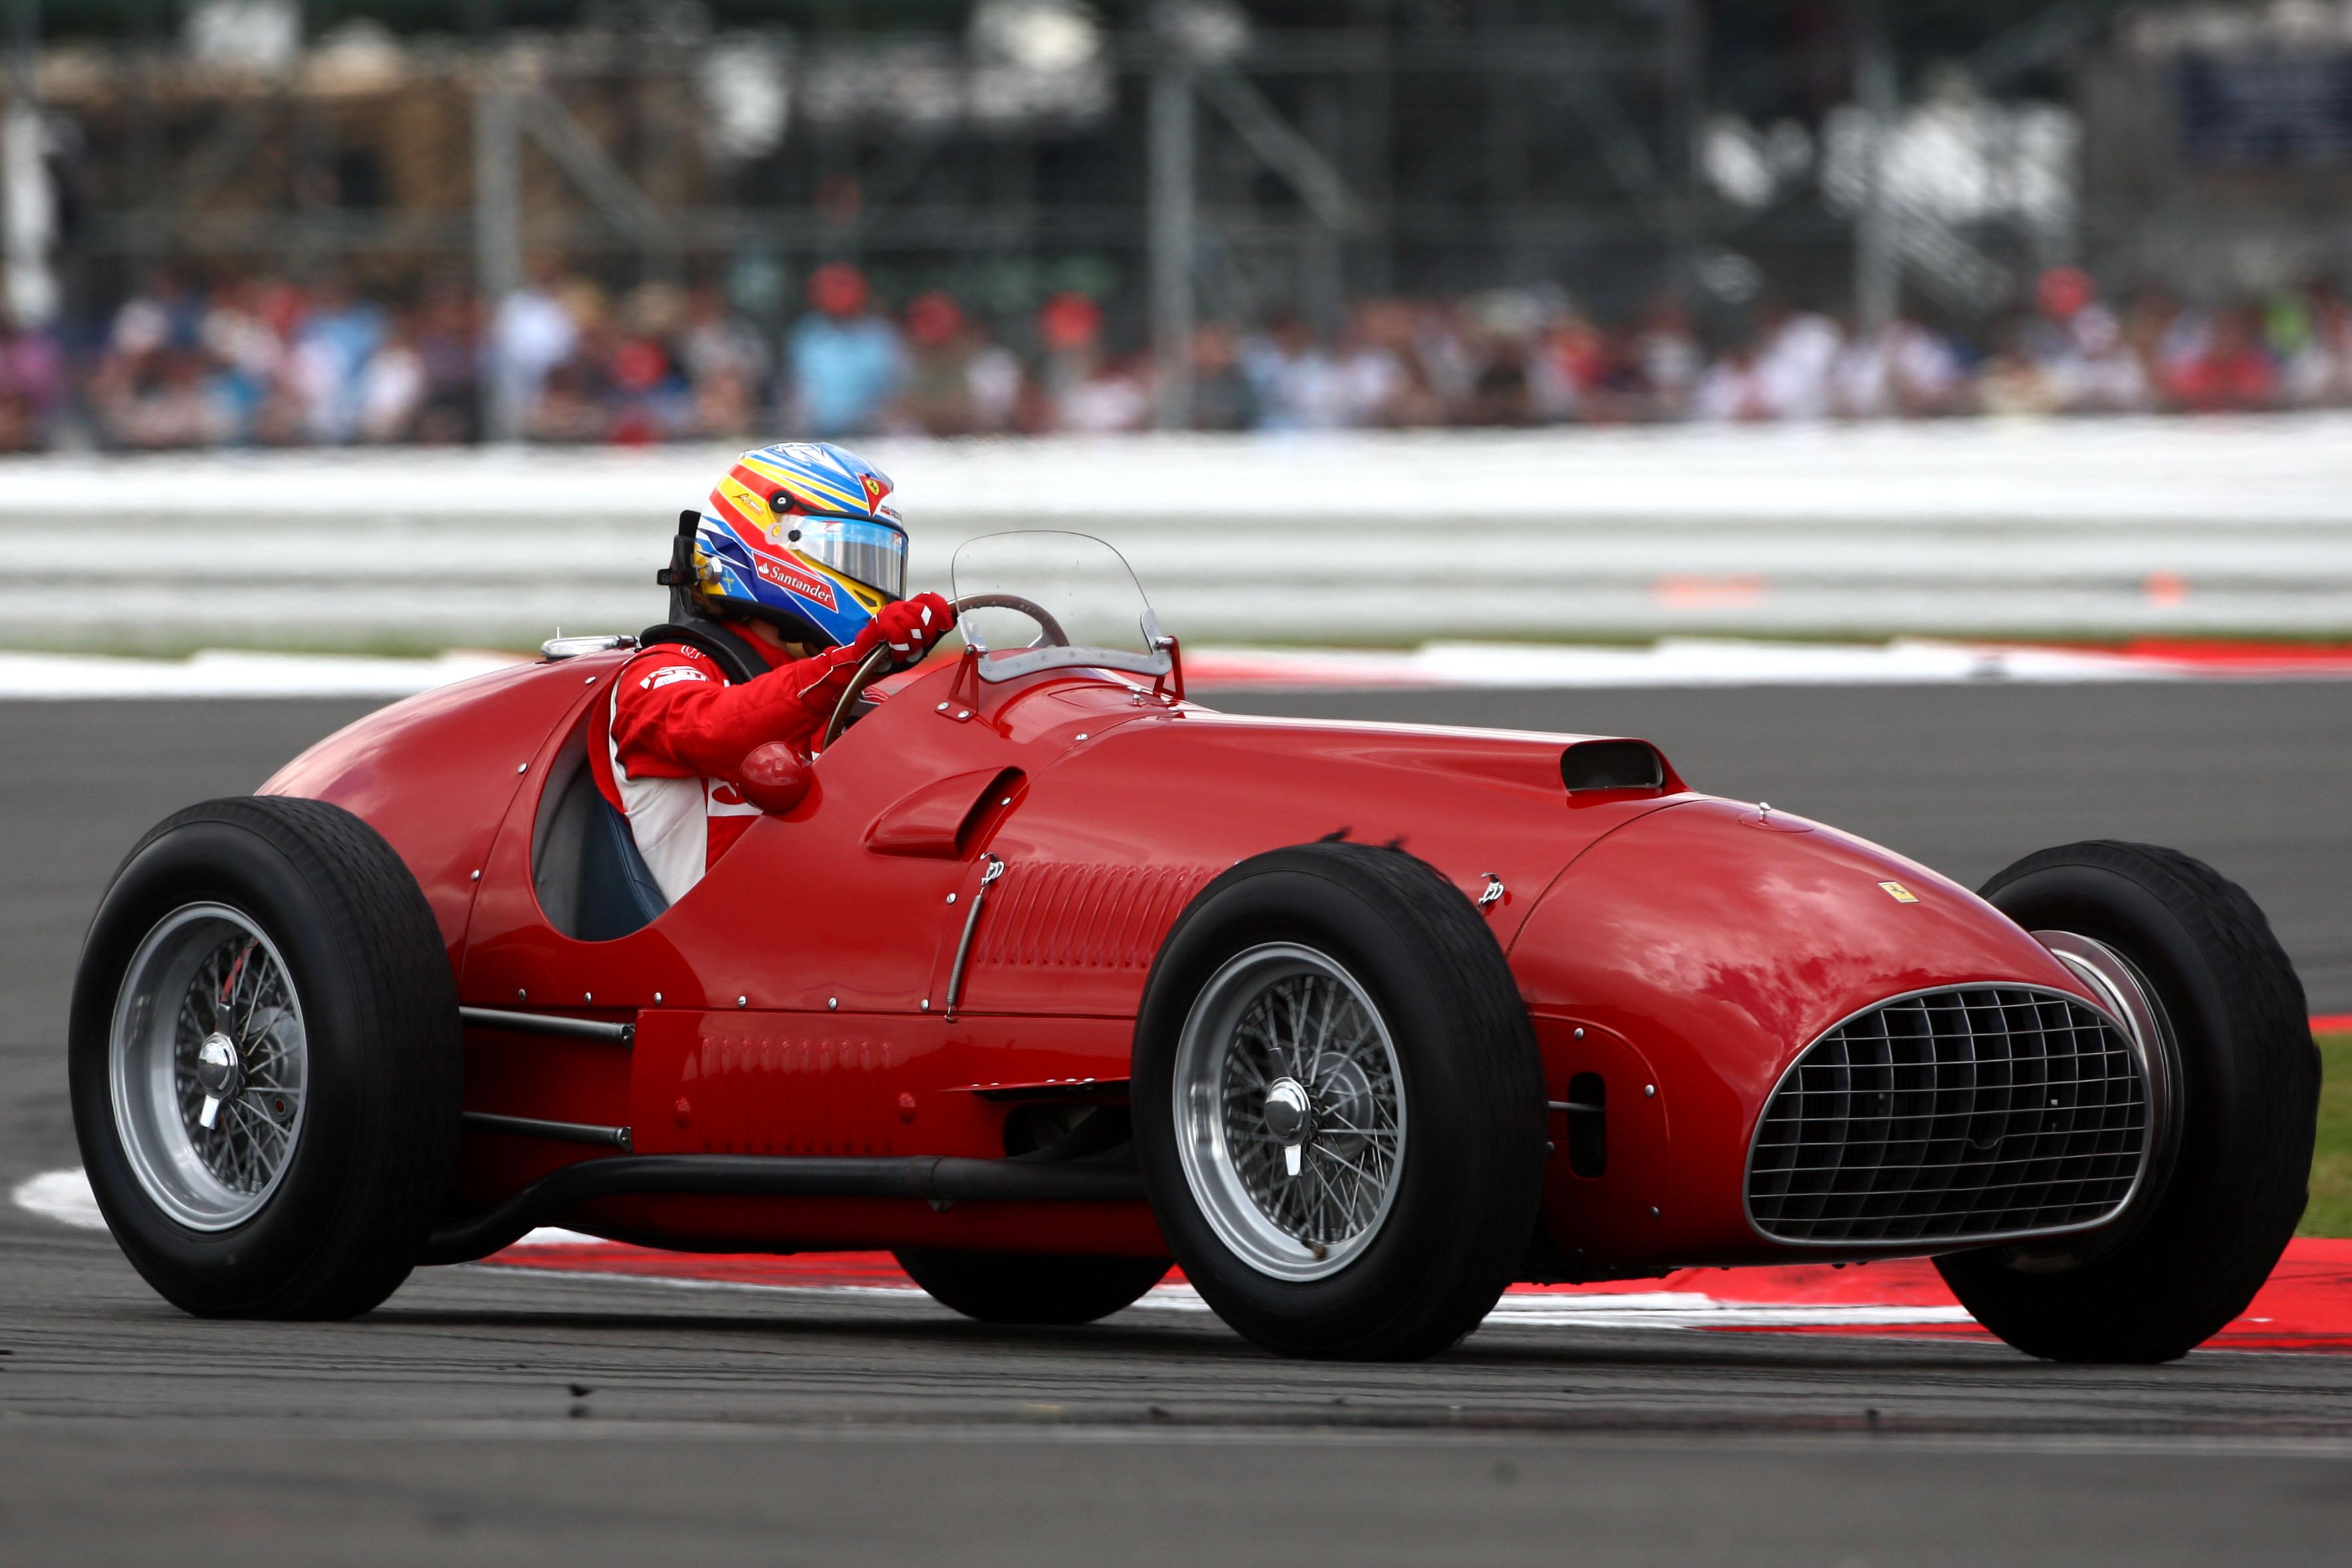 Фернандо Алонсо за рулём Ferrari 375 перед Гран-при Великобритании 2011